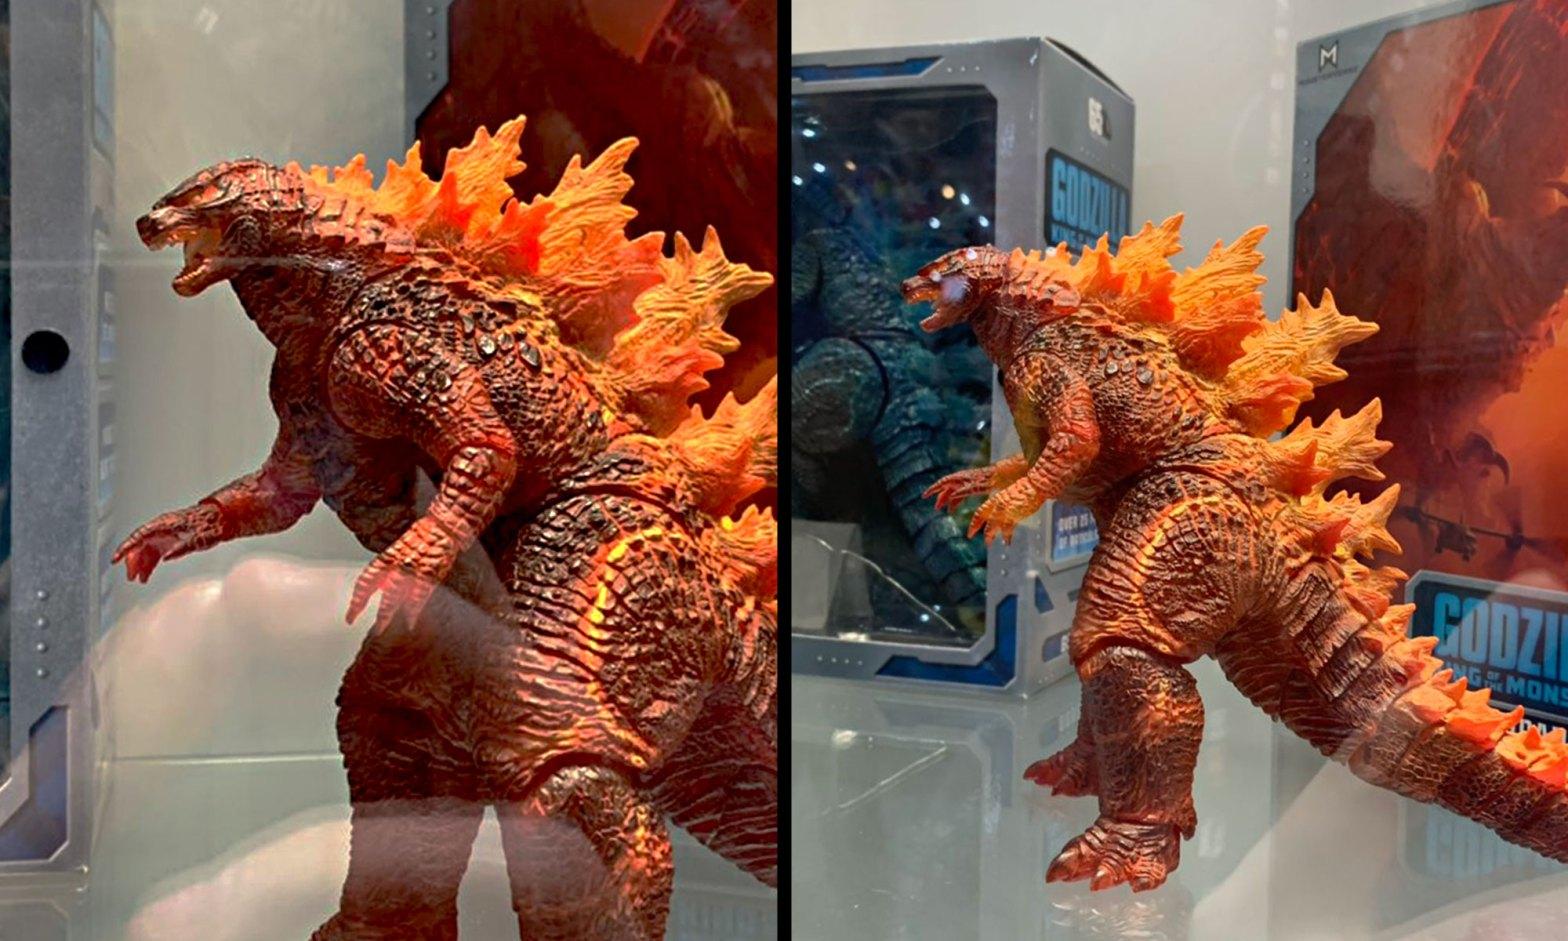 NECA 2019 Burning Godzilla Figure